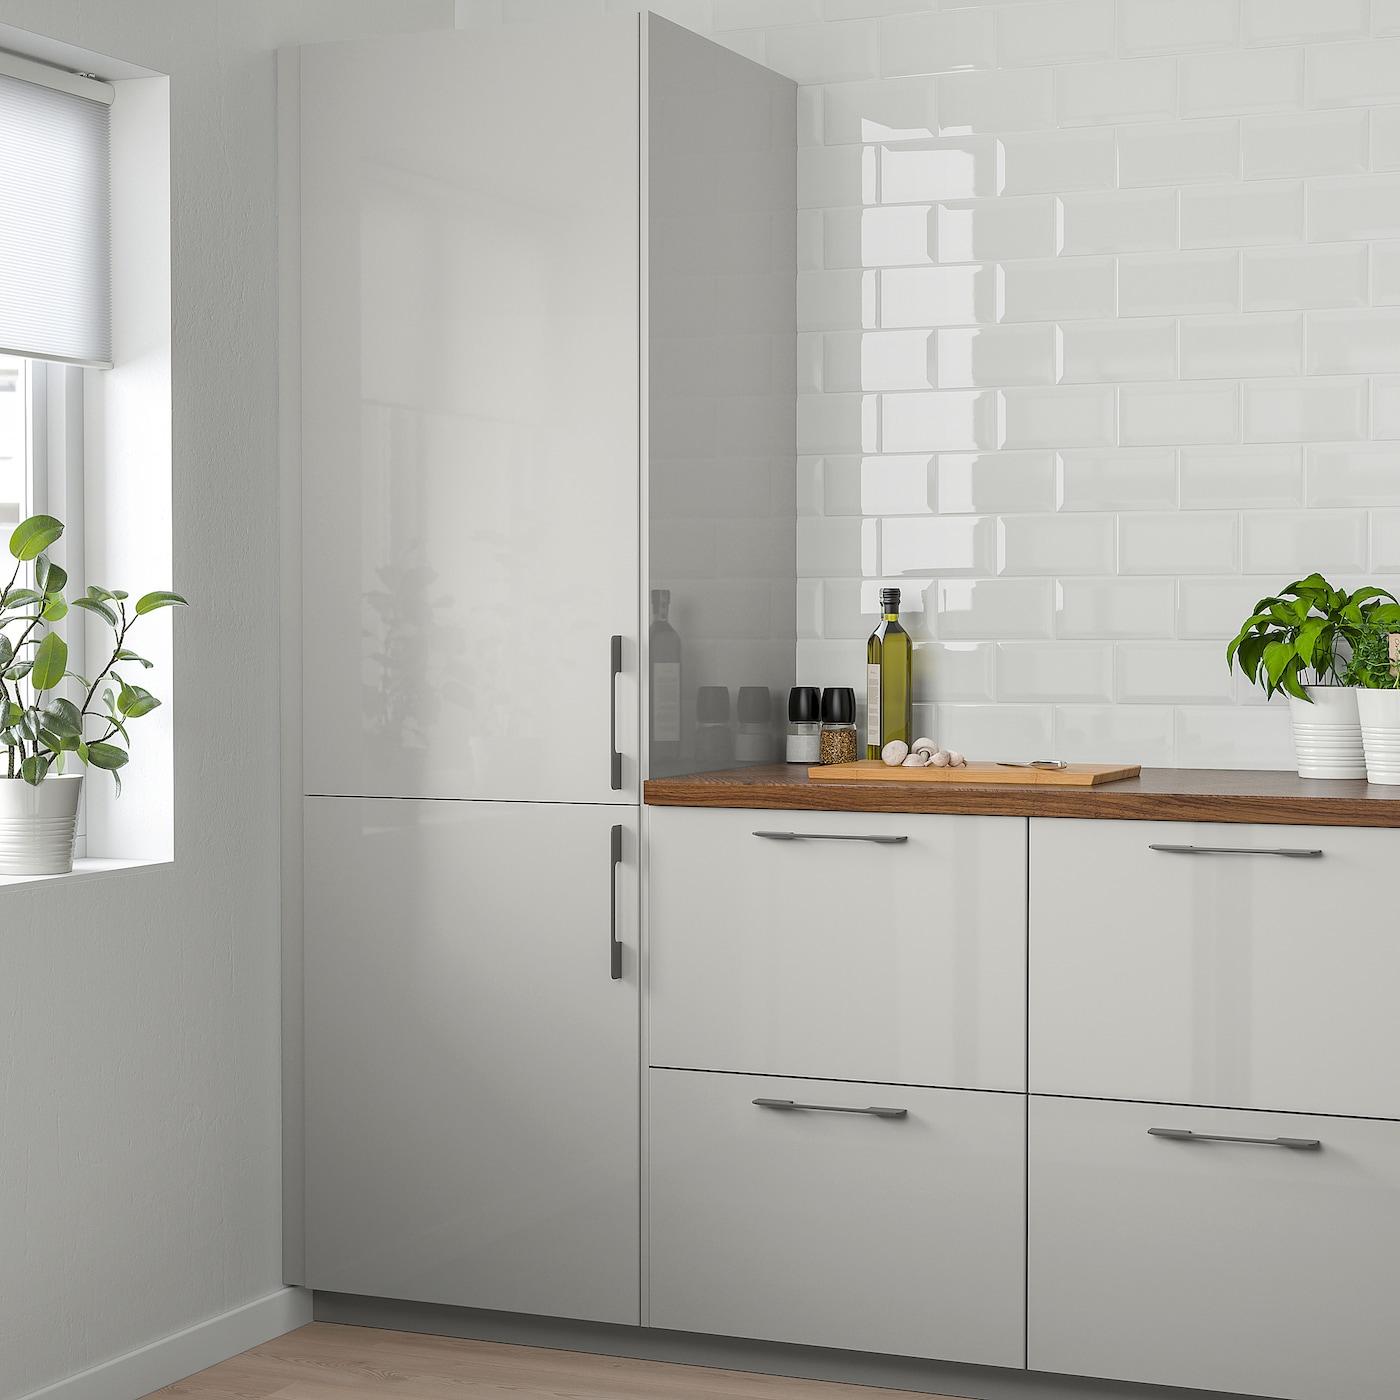 Full Size of Küche Kaufen Ikea Betten Bei Sofa Mit Schlaffunktion Kosten Miniküche Modulküche 160x200 Wohnzimmer Ikea Ringhult Hellgrau